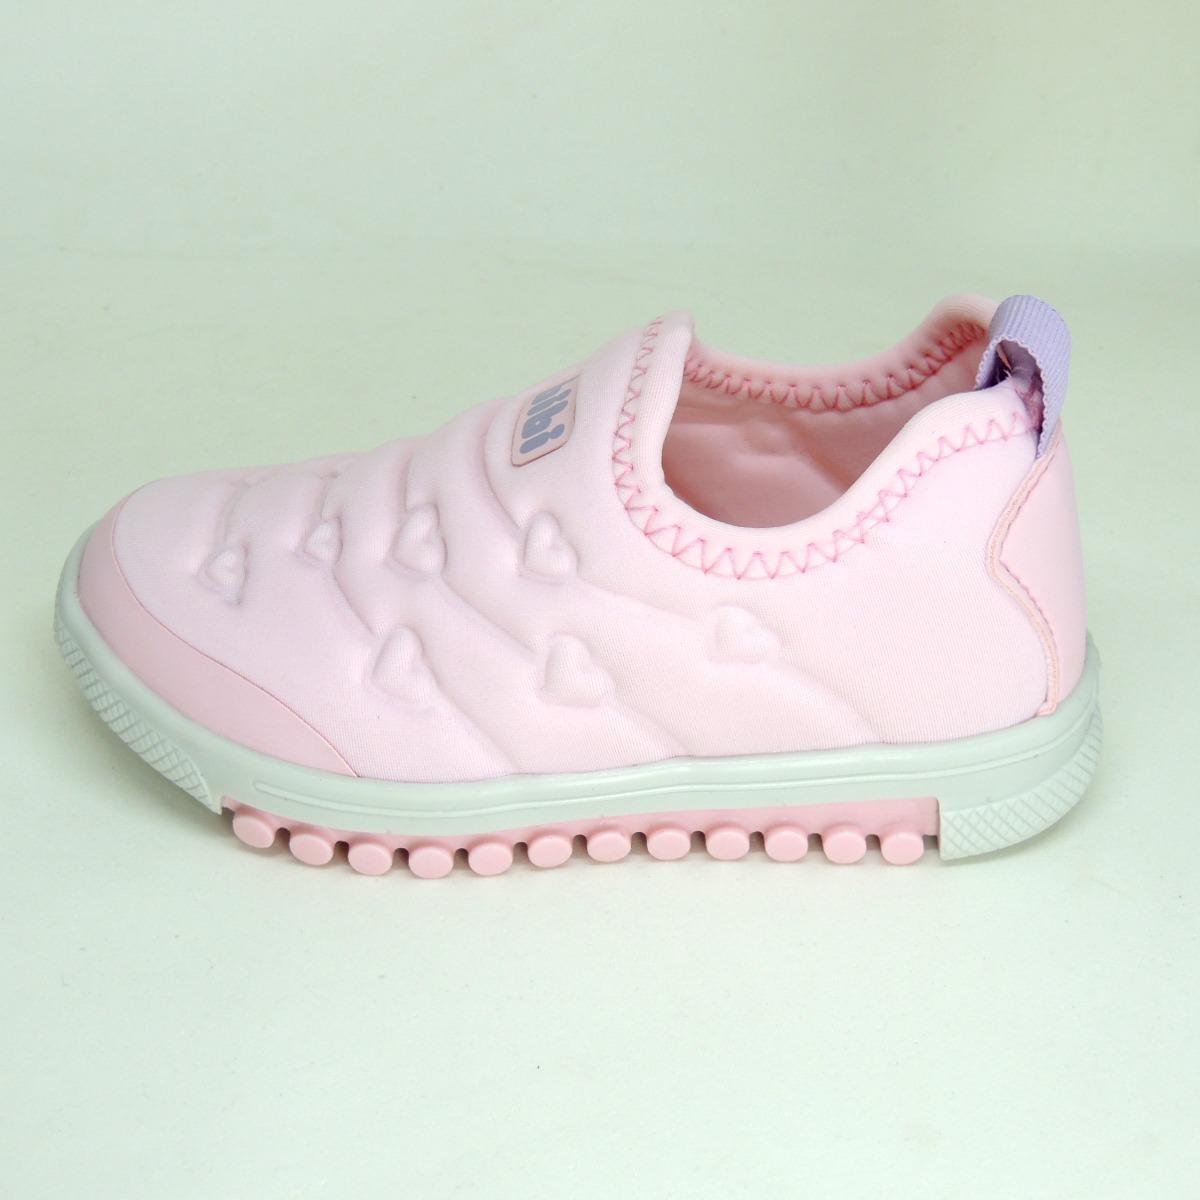 f308aed2ff9 tênis infantil menina bibi roller original sem cadarço rosa. Carregando  zoom.